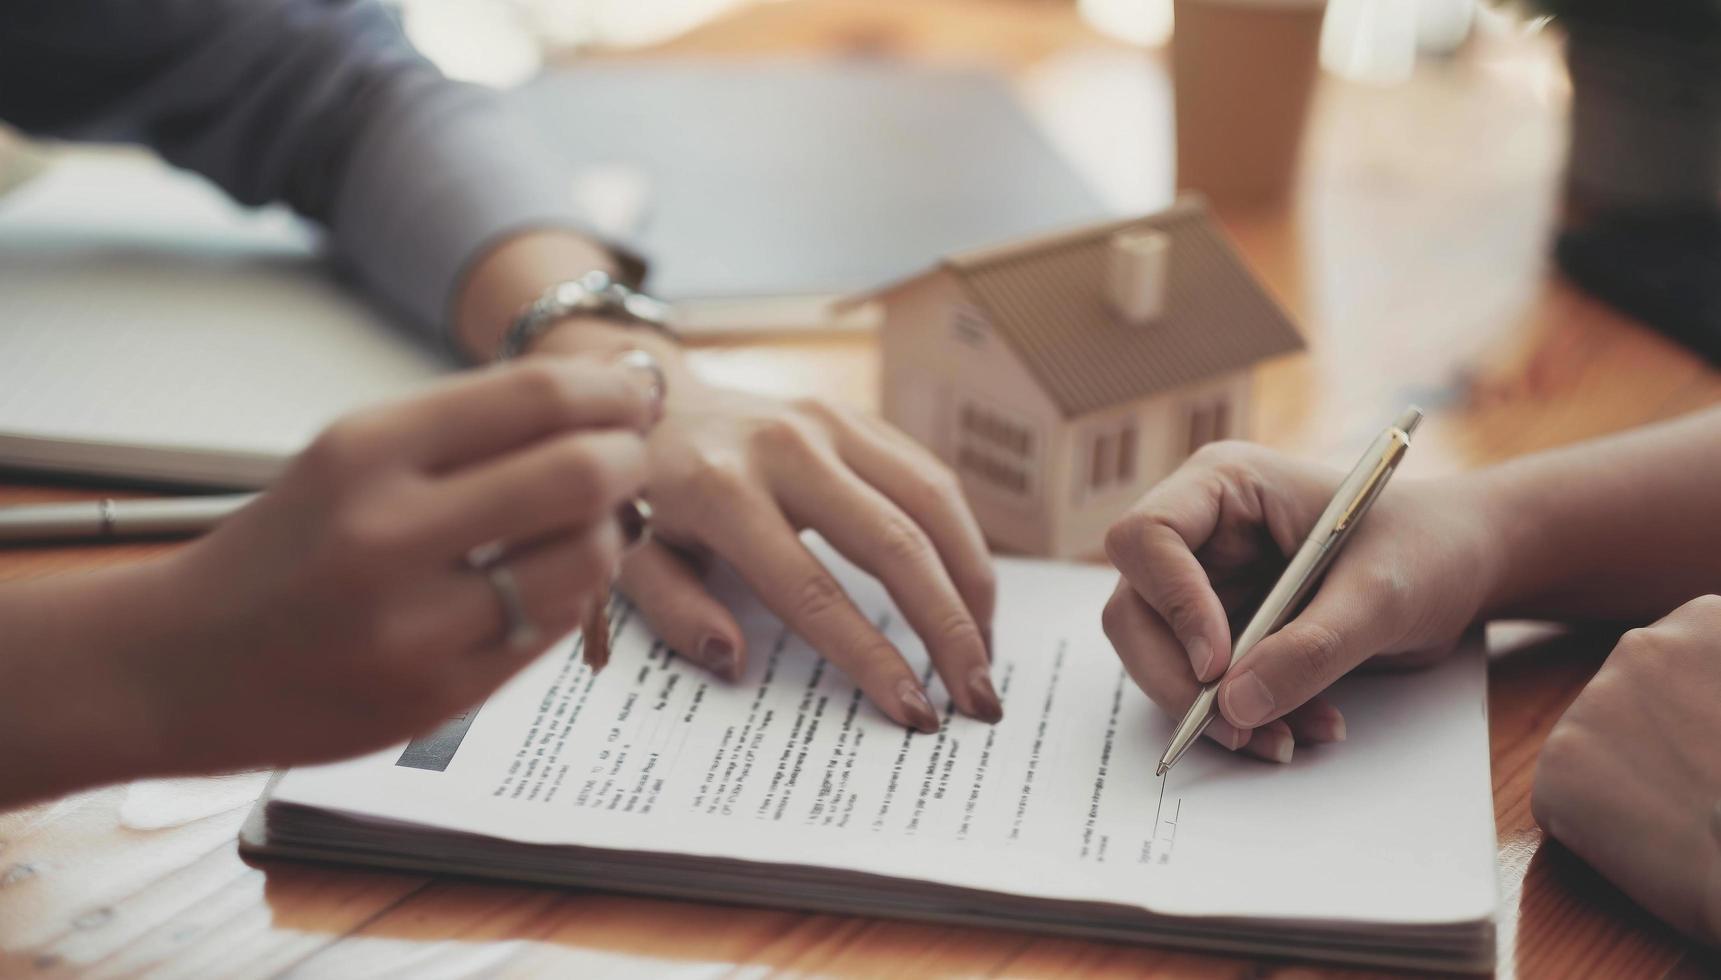 beschnittenes Bild eines Immobilienmaklers, der dem Kunden bei der Vertragsunterzeichnung hilft foto